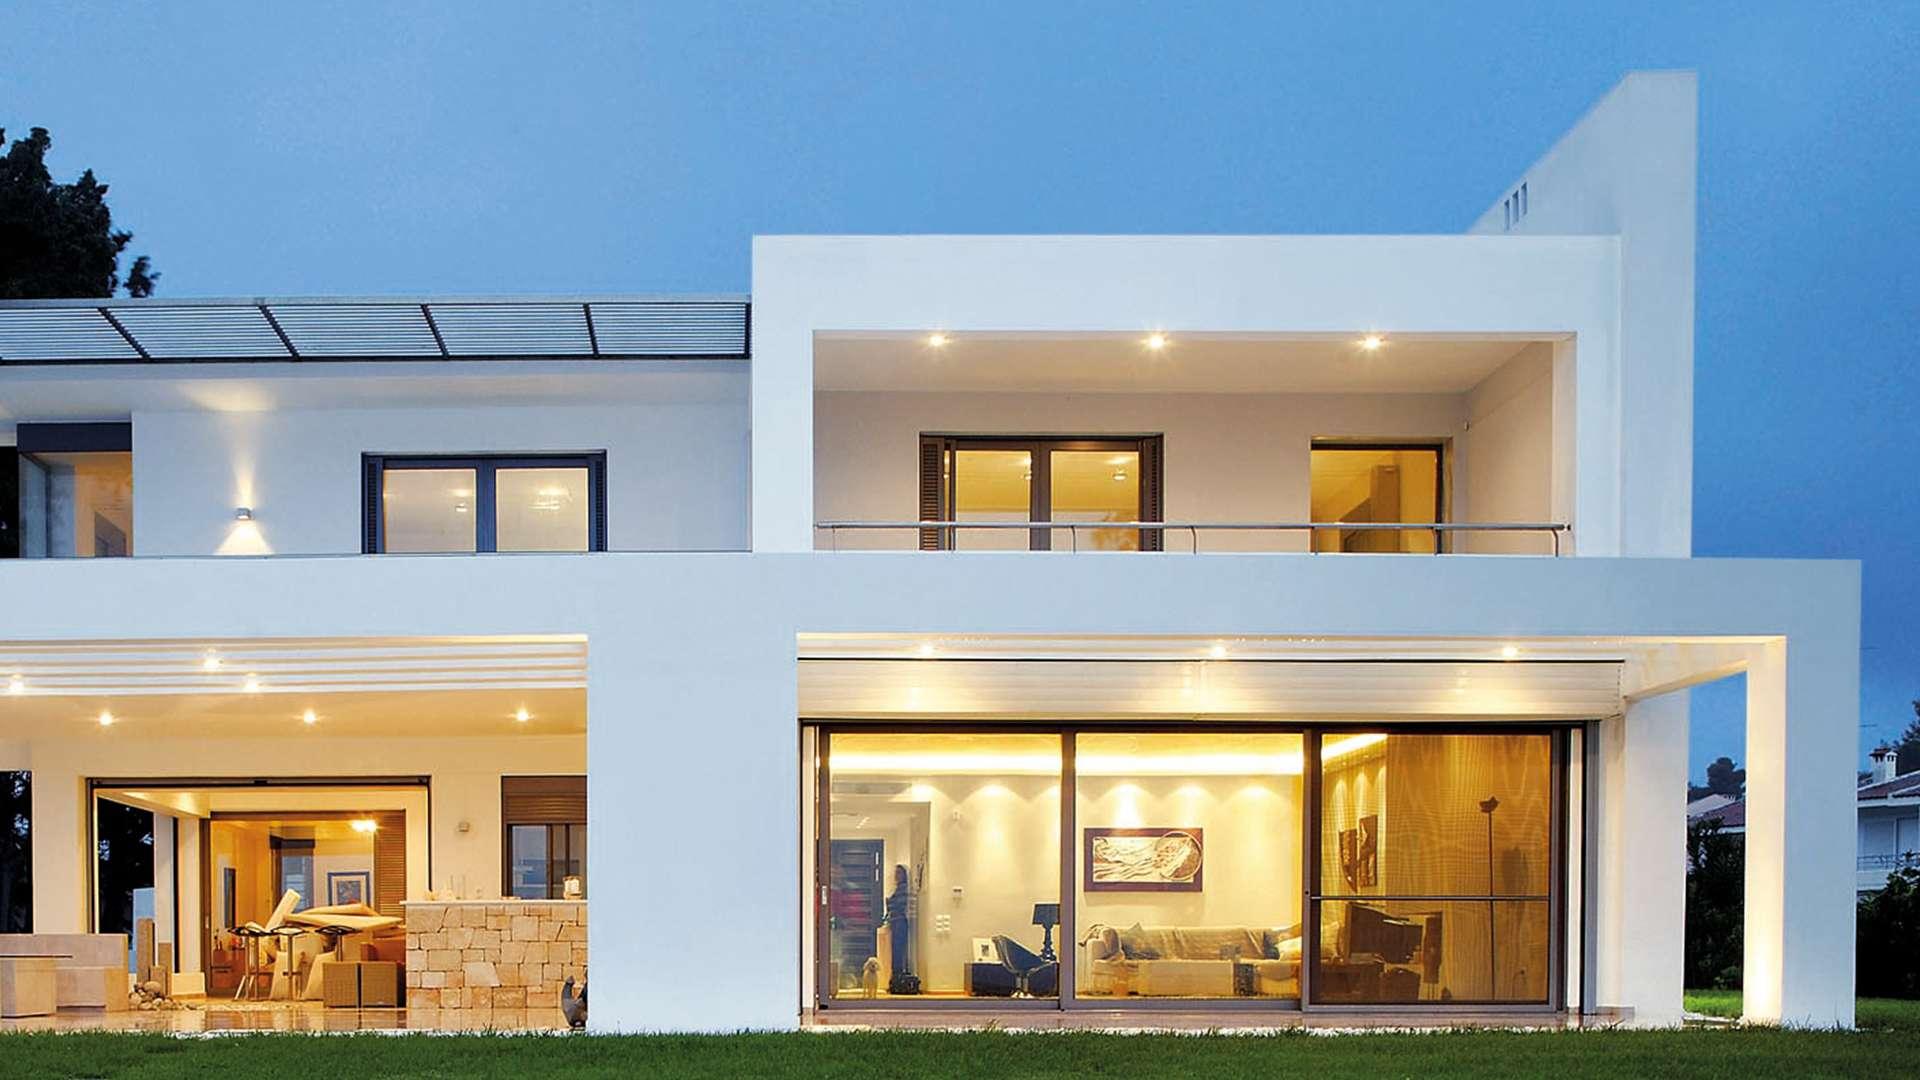 modernes Haus mit bodentiefen Fenstern